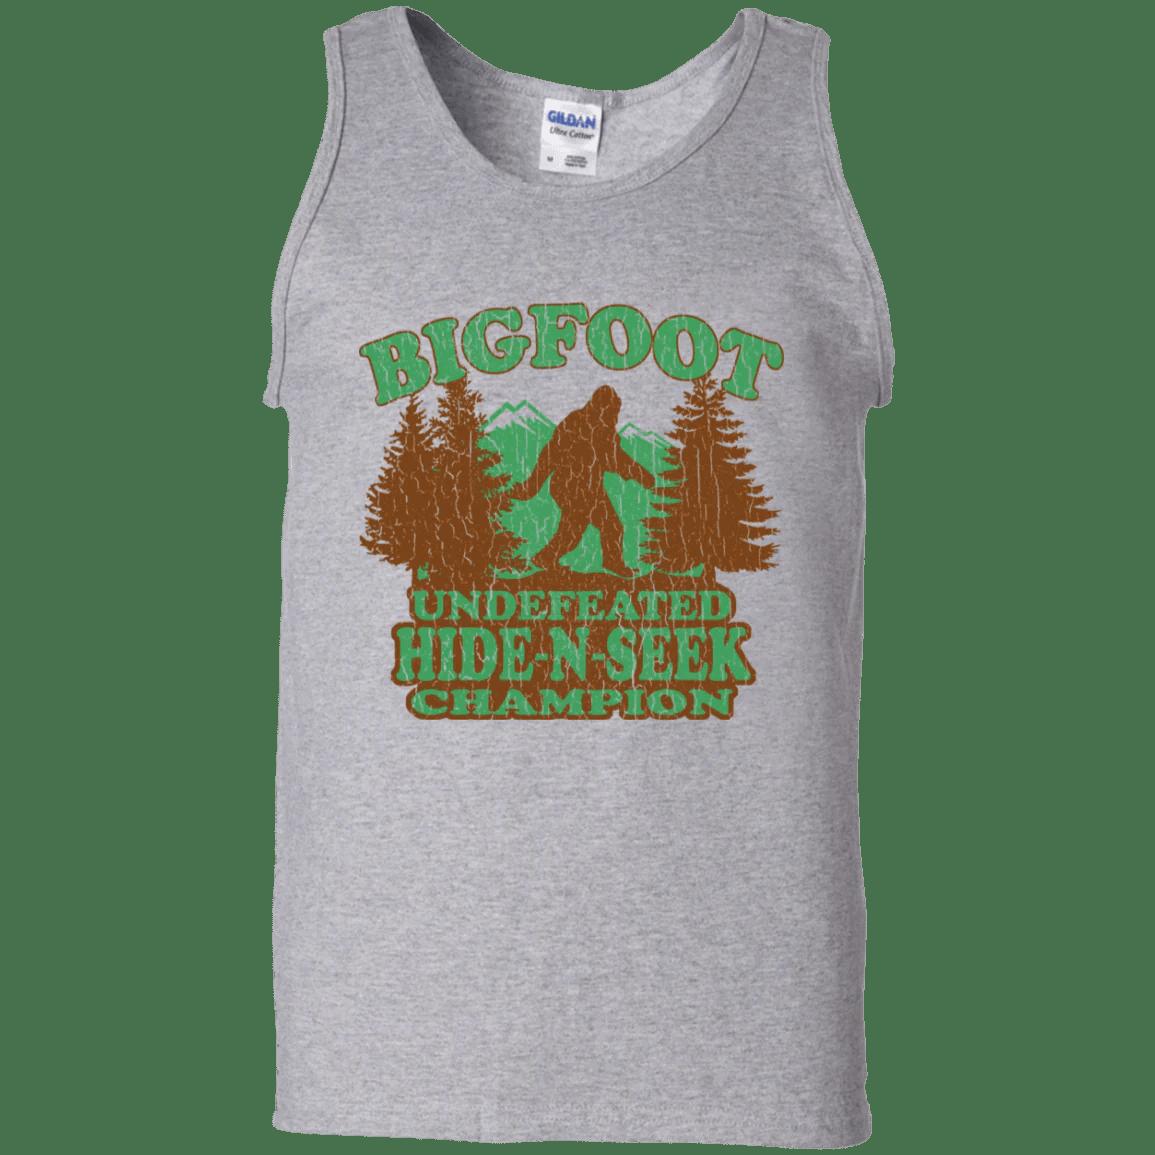 1029eb47 Agr Bigfoot Hide Seek Champion Vintage Distressed Mens